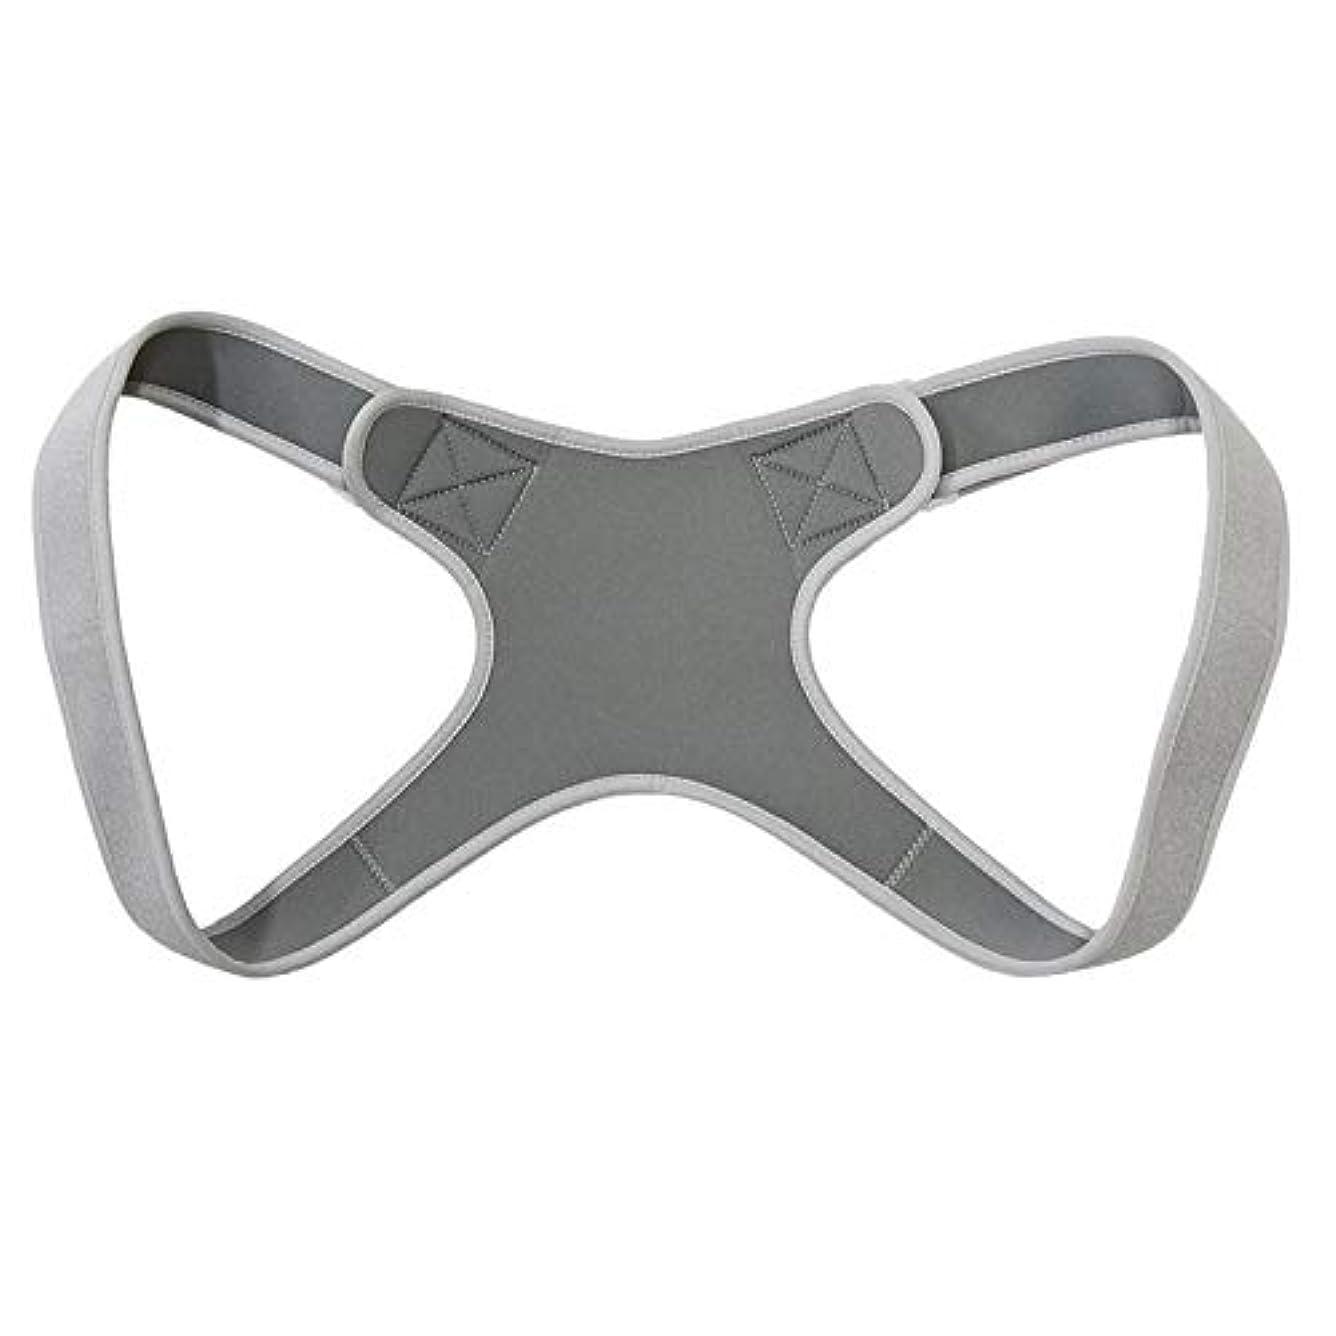 おとうさんレベル代数的新しいアッパーバックポスチャーコレクター姿勢鎖骨サポートコレクターバックストレートショルダーブレースストラップコレクター - グレー